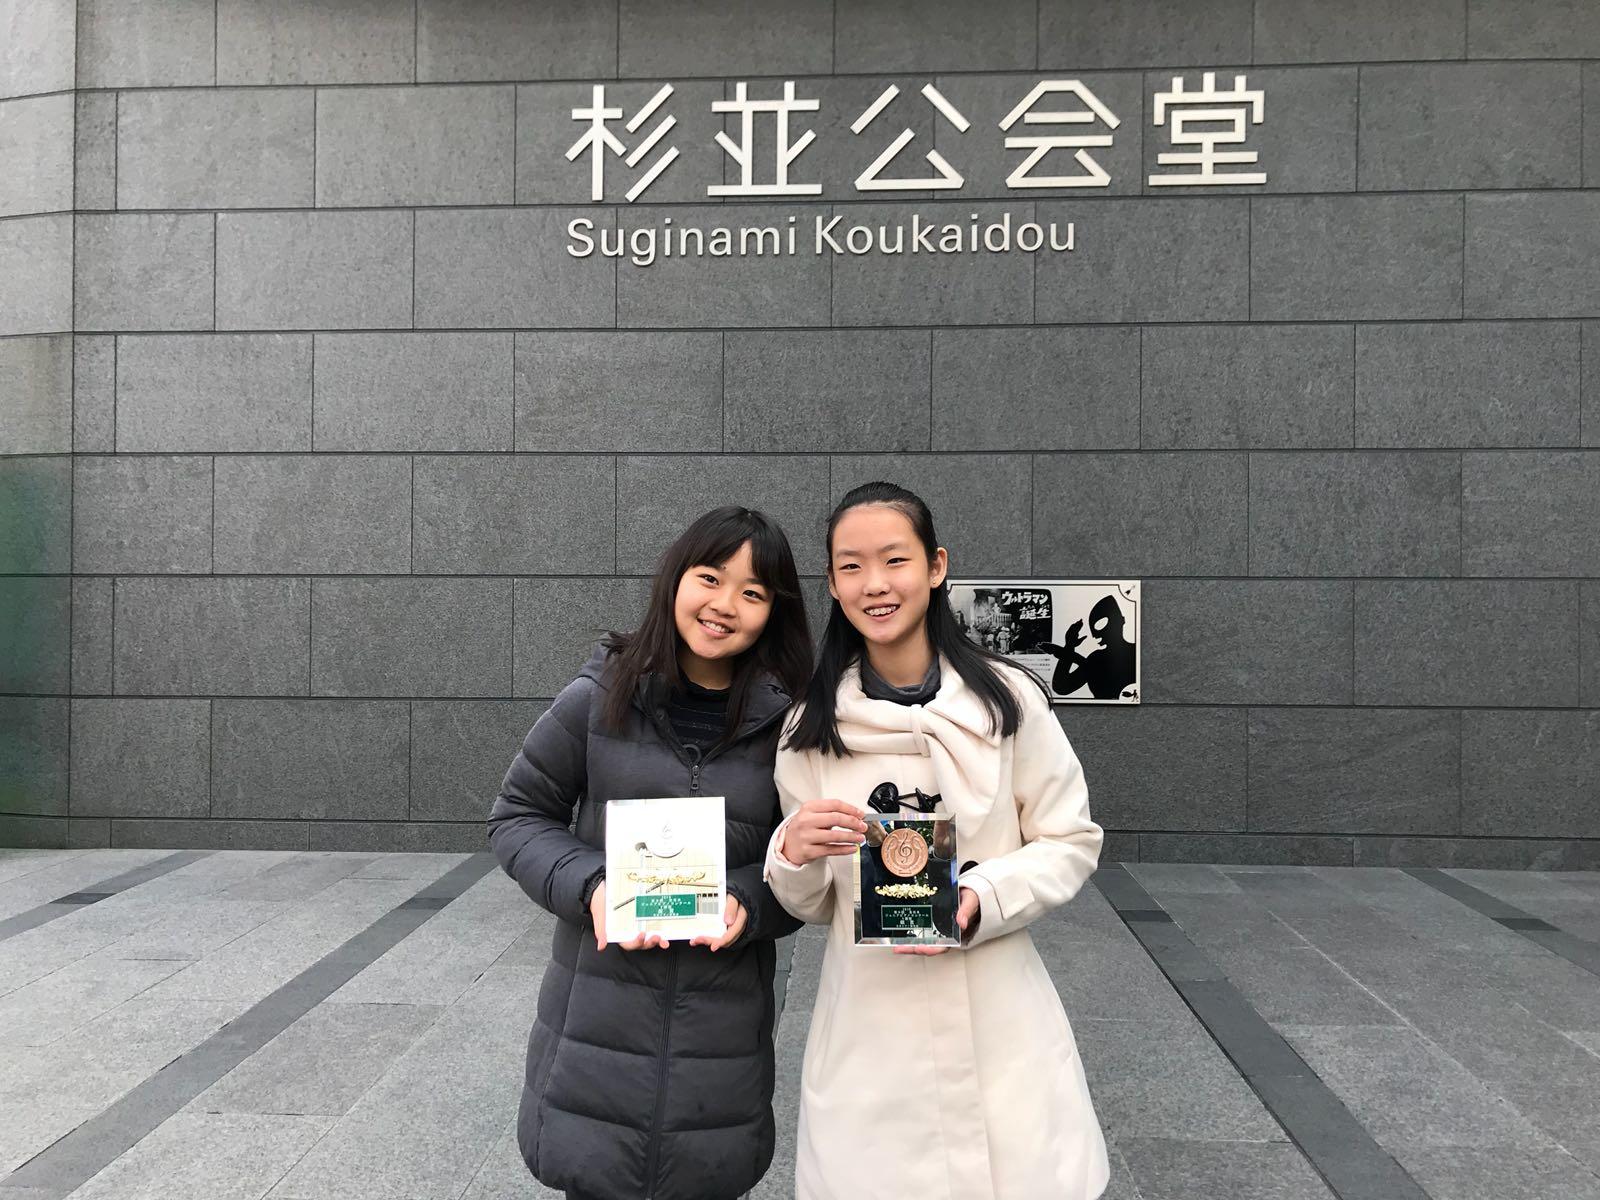 Prize winning students, Chihiro Kinumaki (left) and Vivian Li (right)